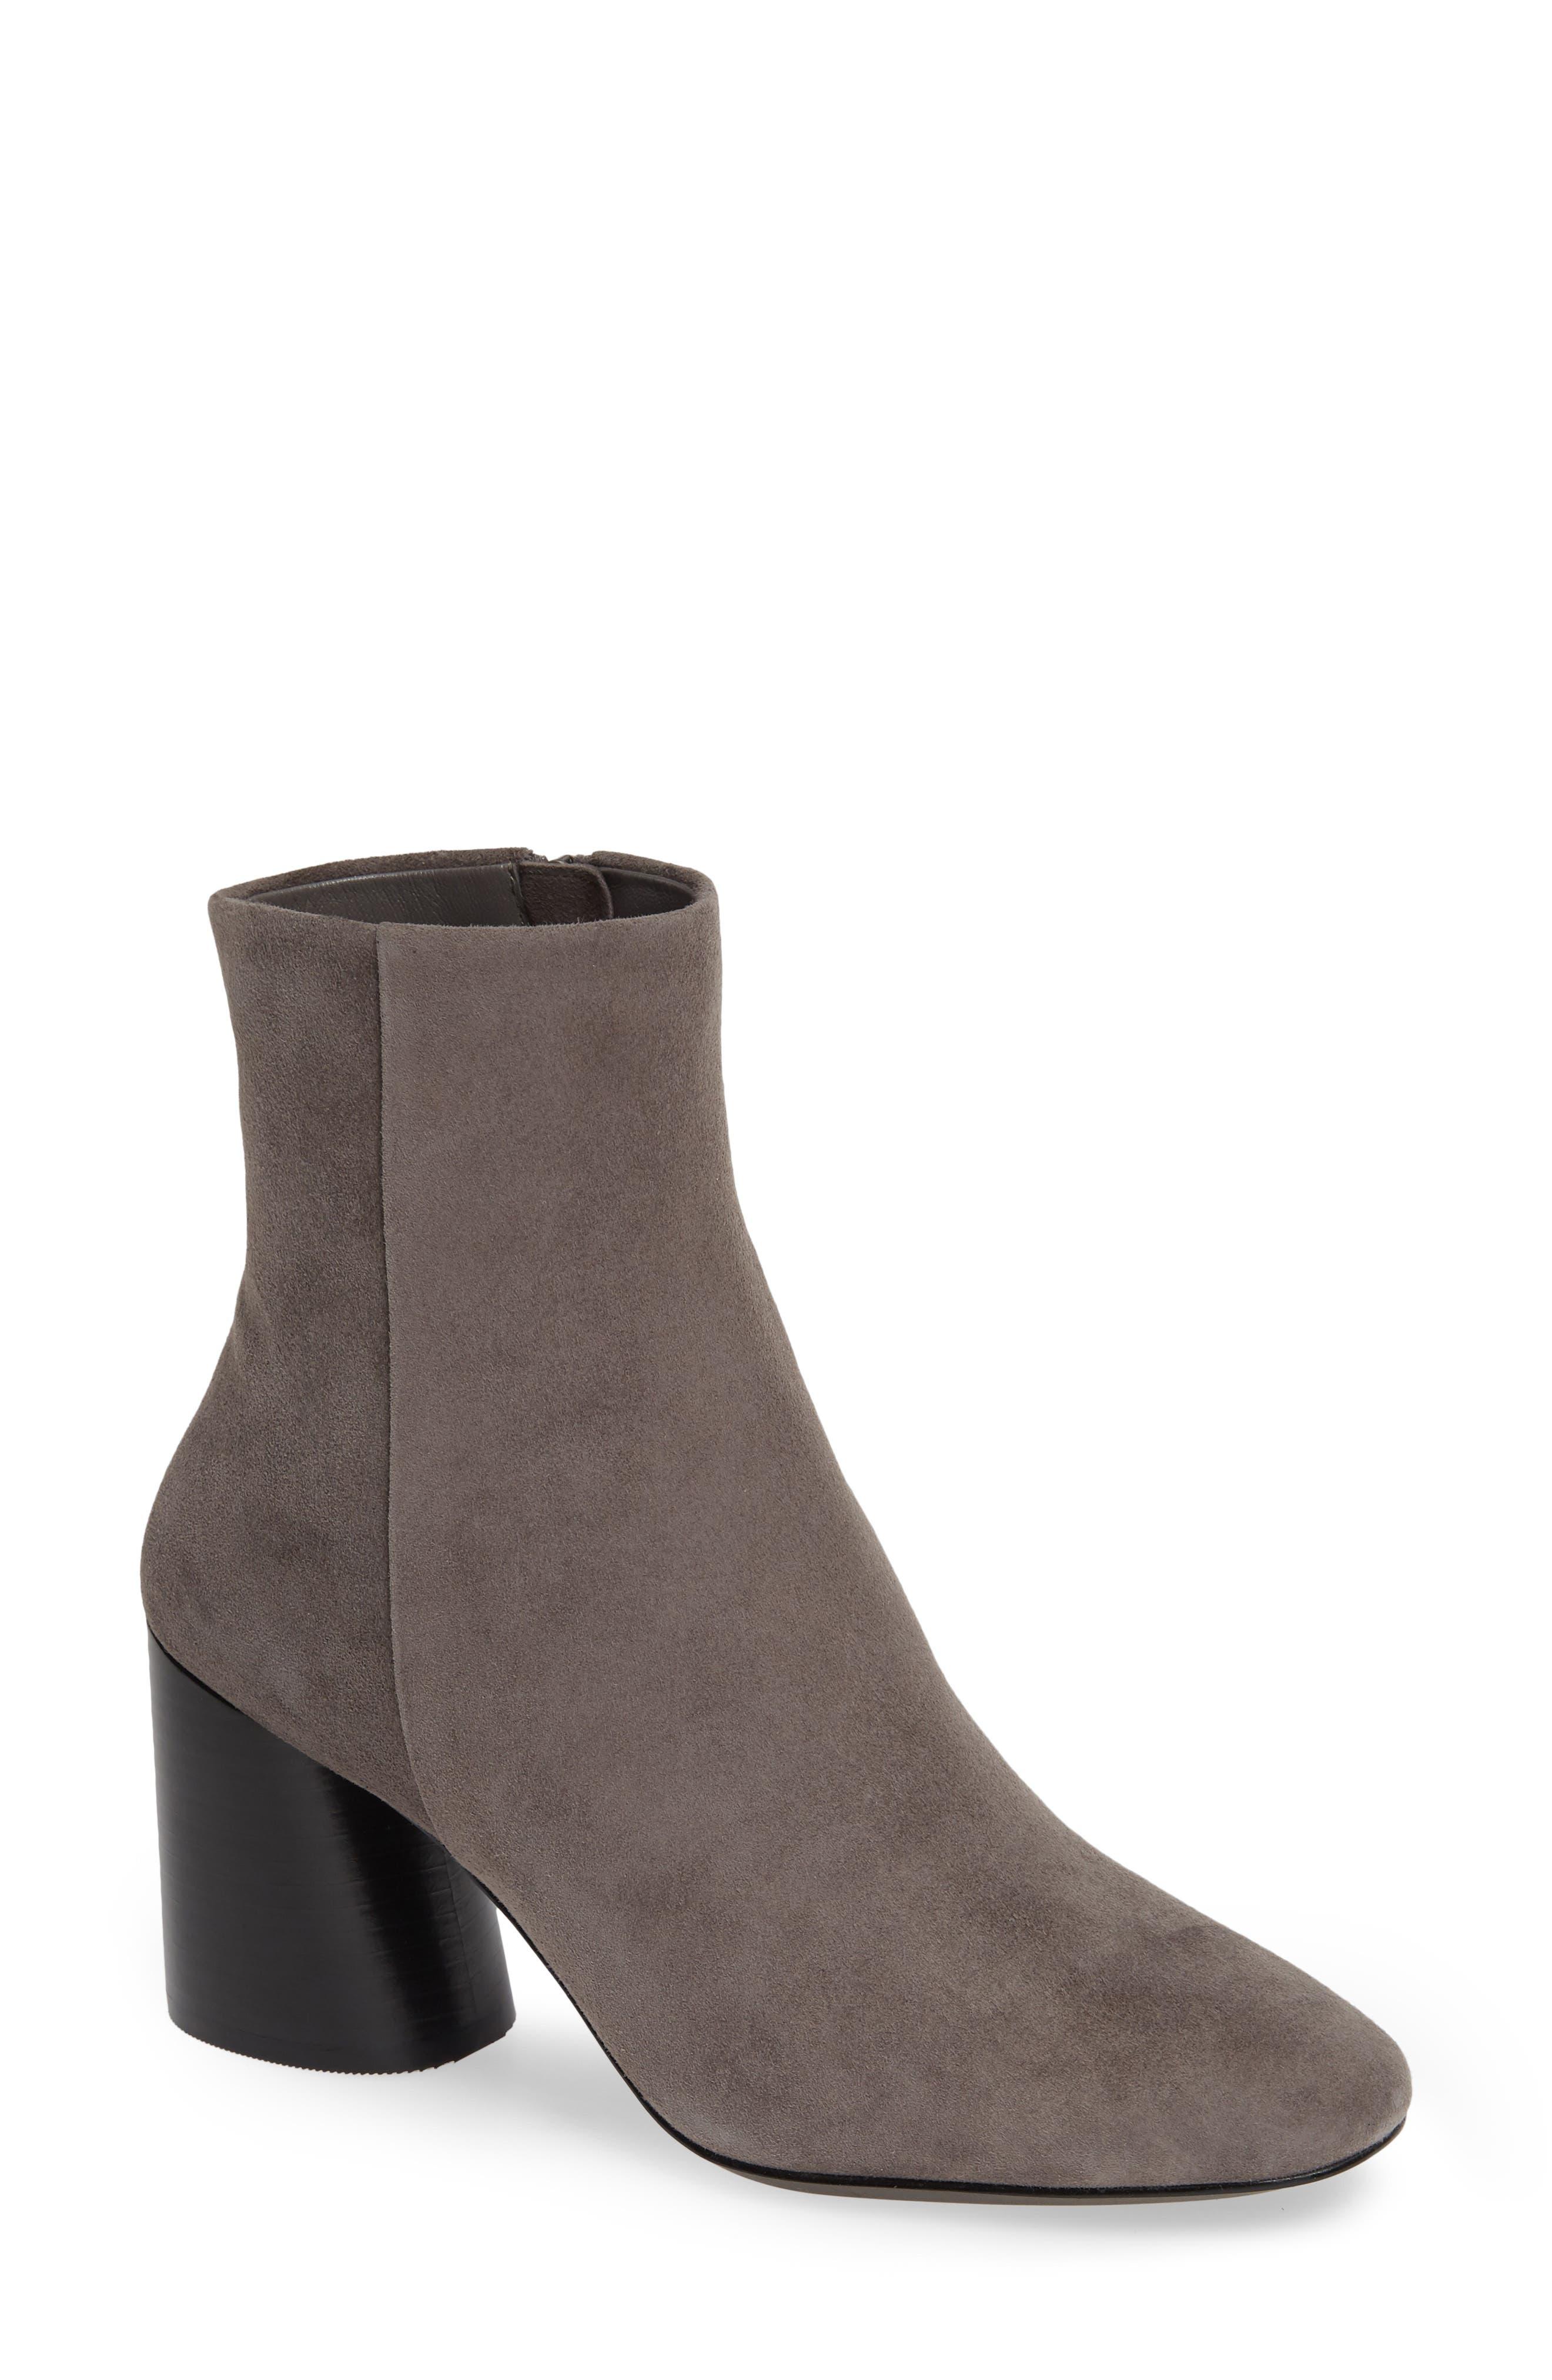 Linea Paolo Savvy Block Heel Bootie- Grey